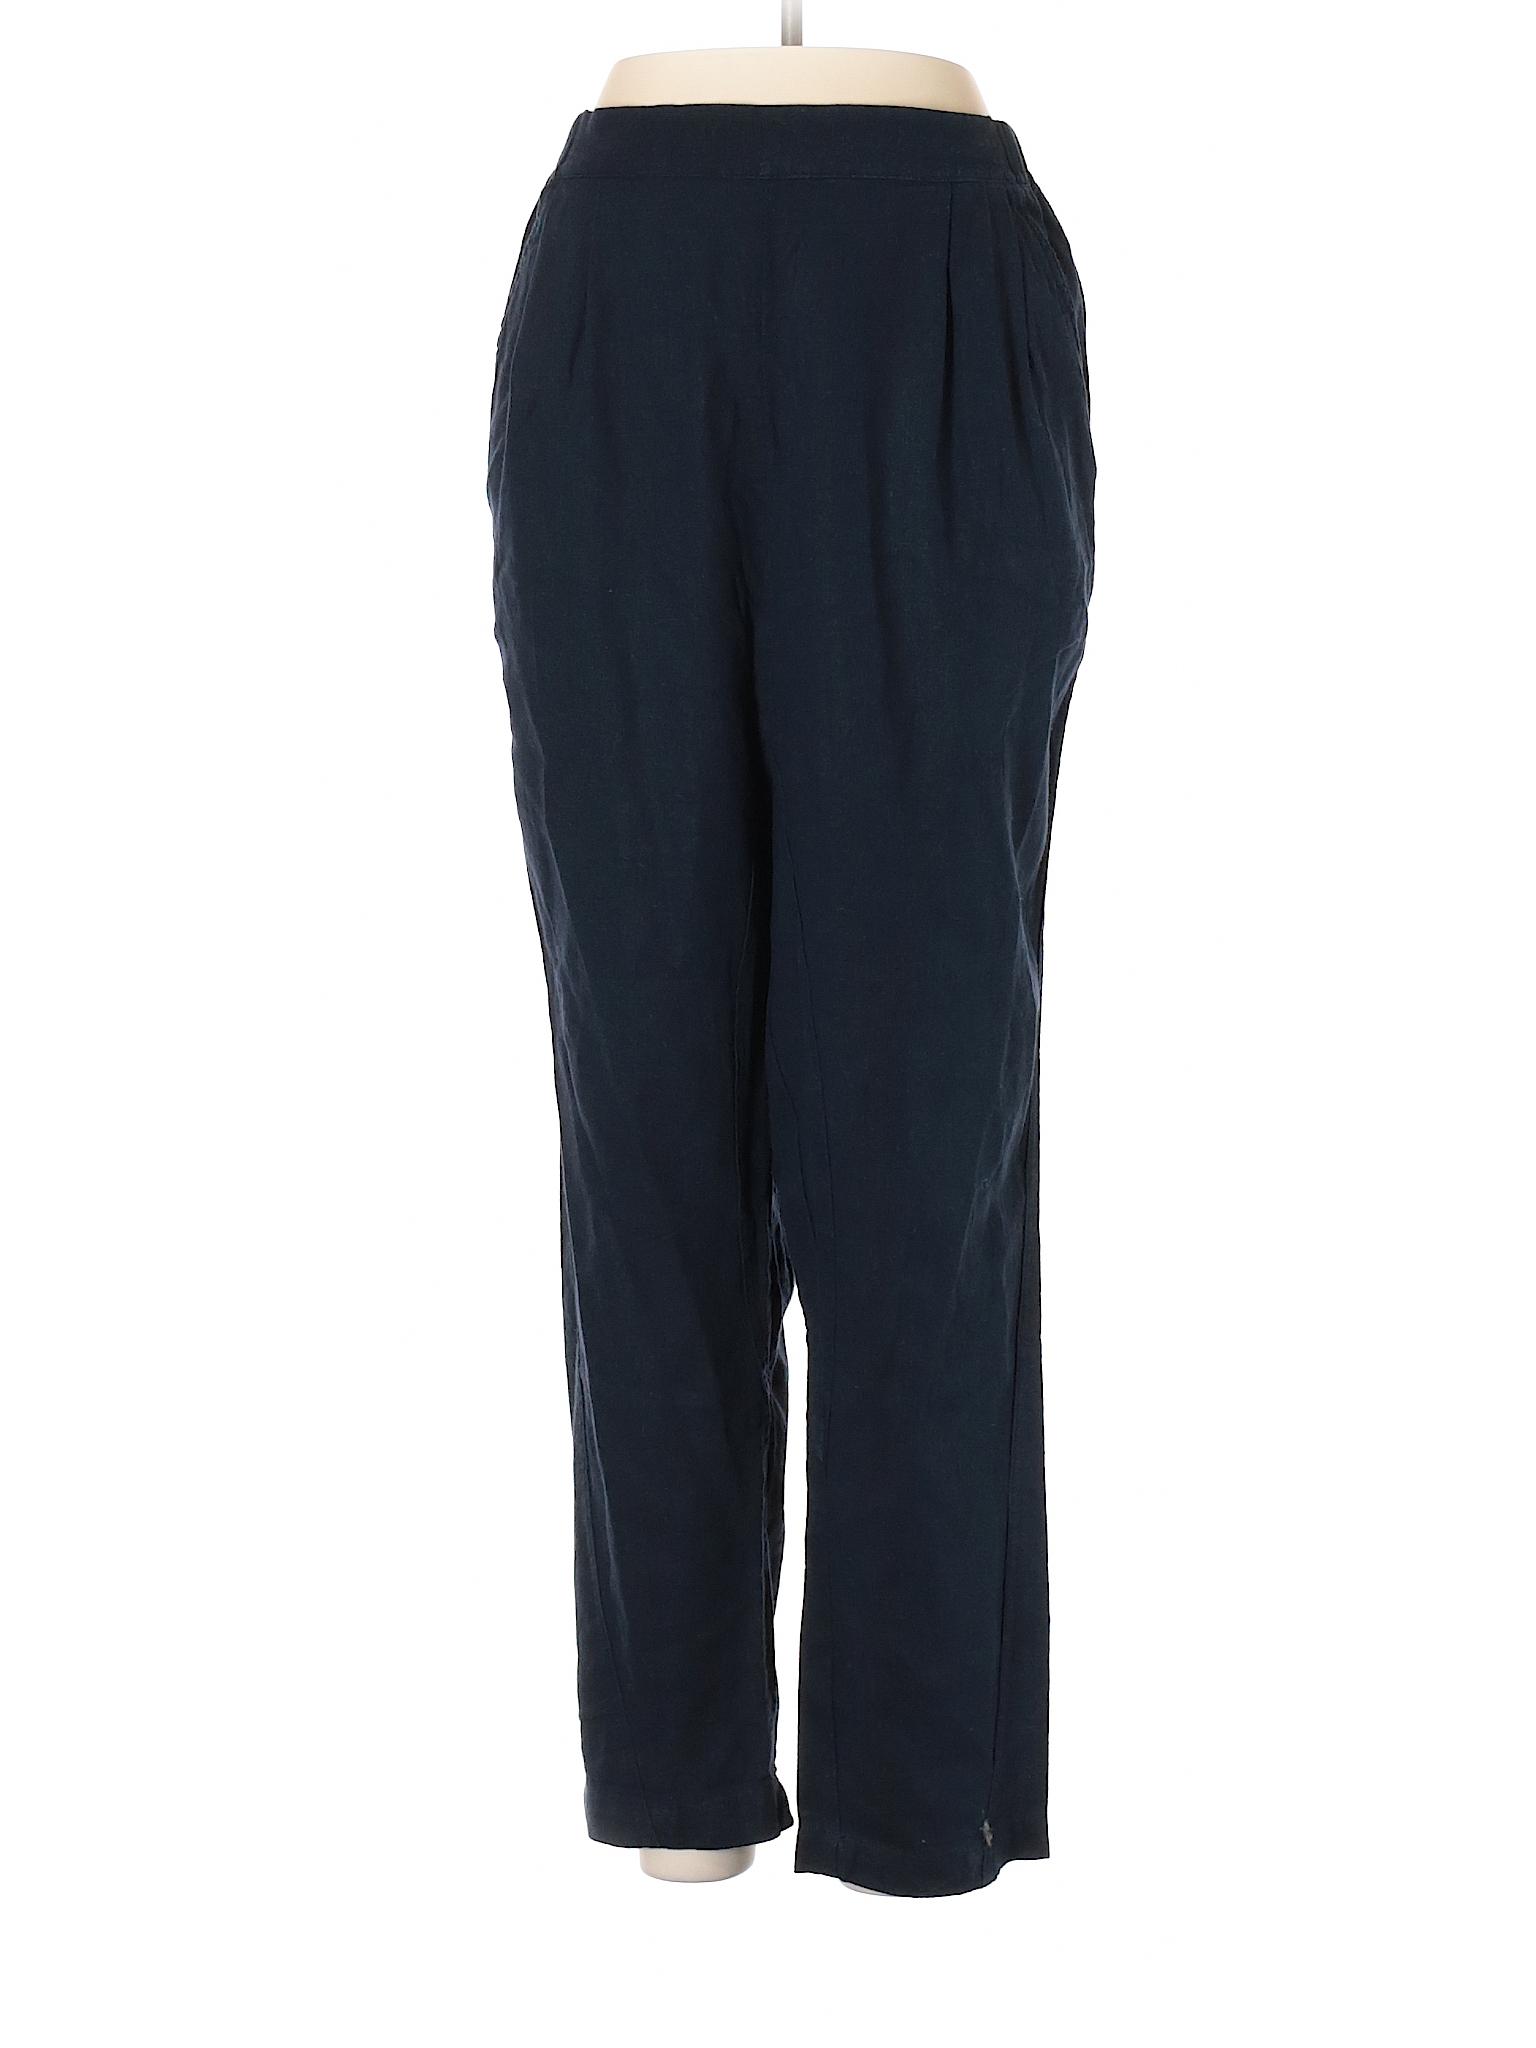 winter Boutique BDG winter Boutique BDG Linen Pants qH0TtE